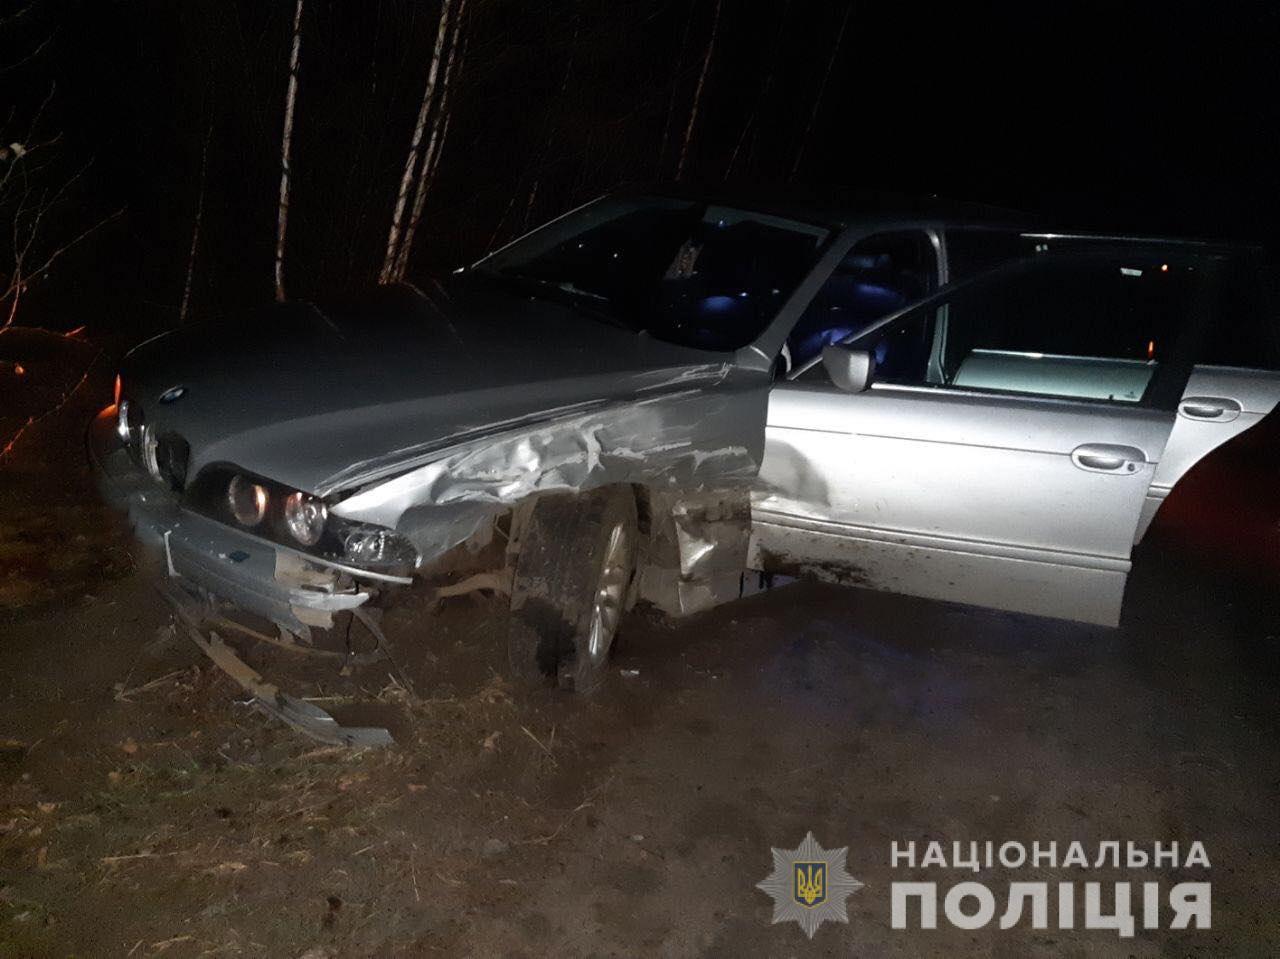 Один із водіїв постраждав під час тарану двох легковиків на Волині. ФО